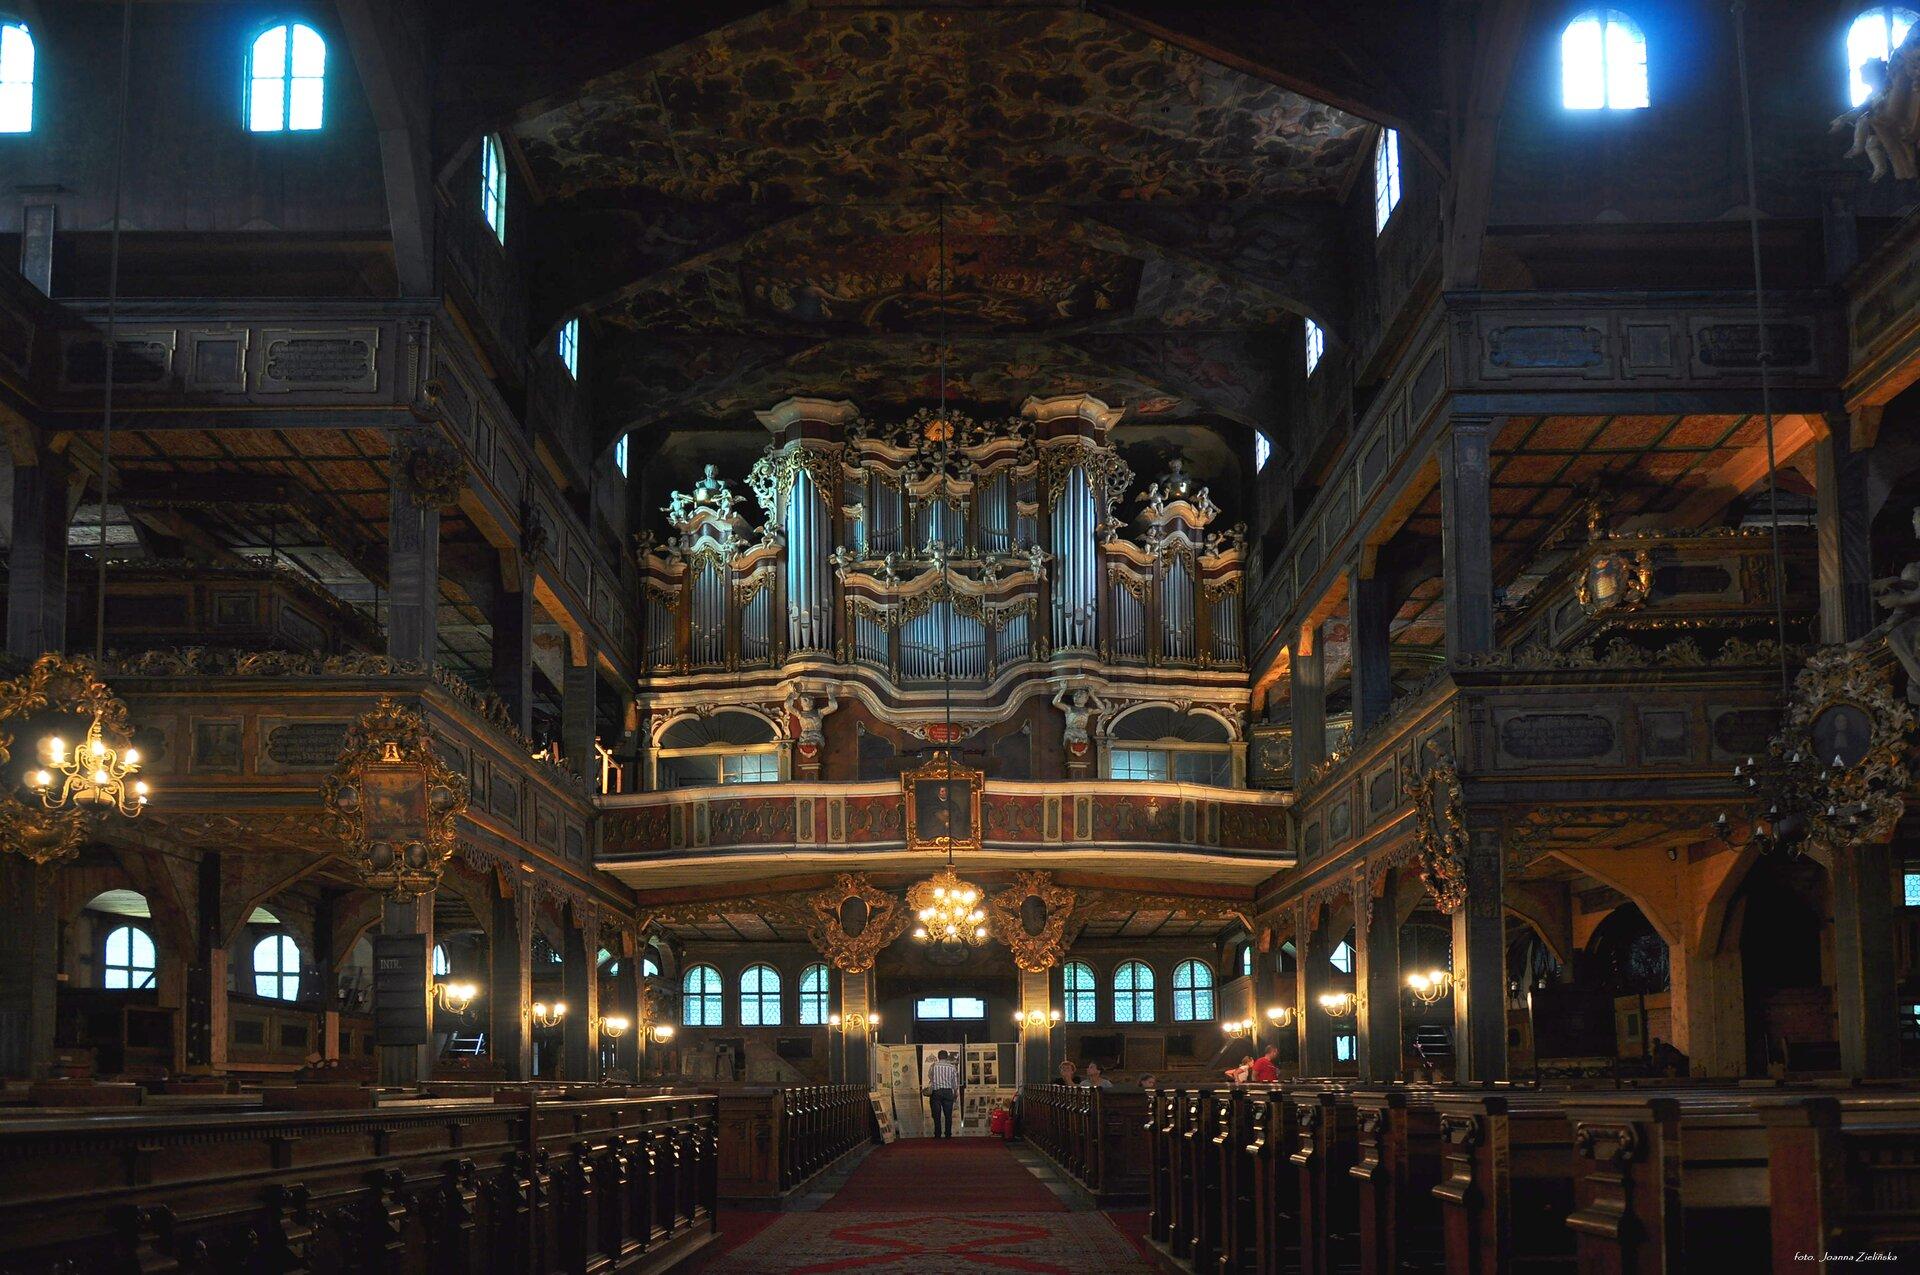 Wnętrze Kościoła Pokoju, widok naprospekt organowy. Wnętrze Kościoła Pokoju, widok naprospekt organowy. Źródło: Joanna Zielińska, licencja: CC BY-SA 4.0, [online], dostępny winternecie: wikimedia.